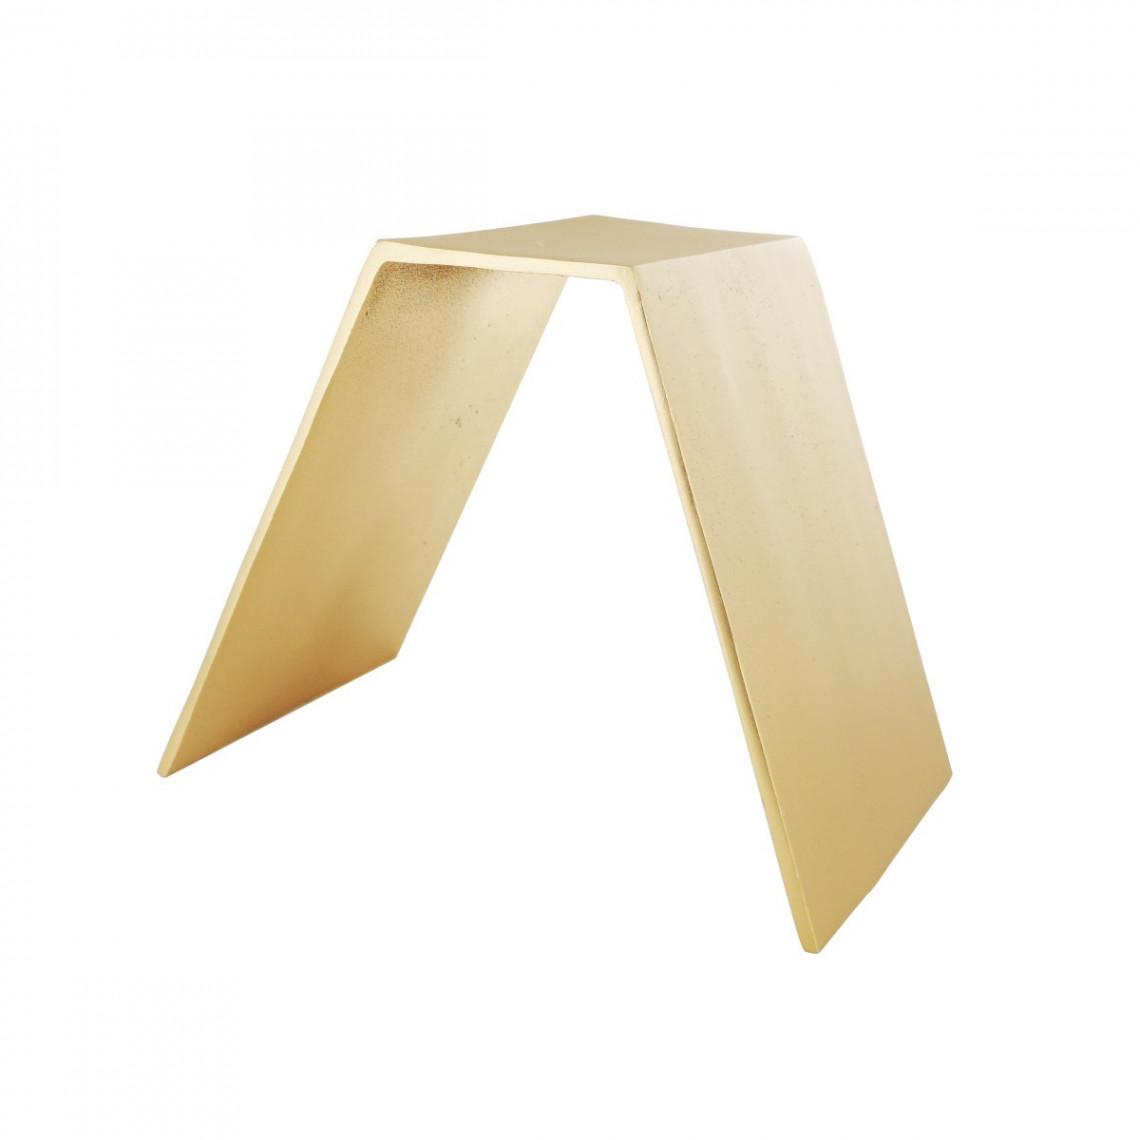 Réhausse V aluminium or (H8)